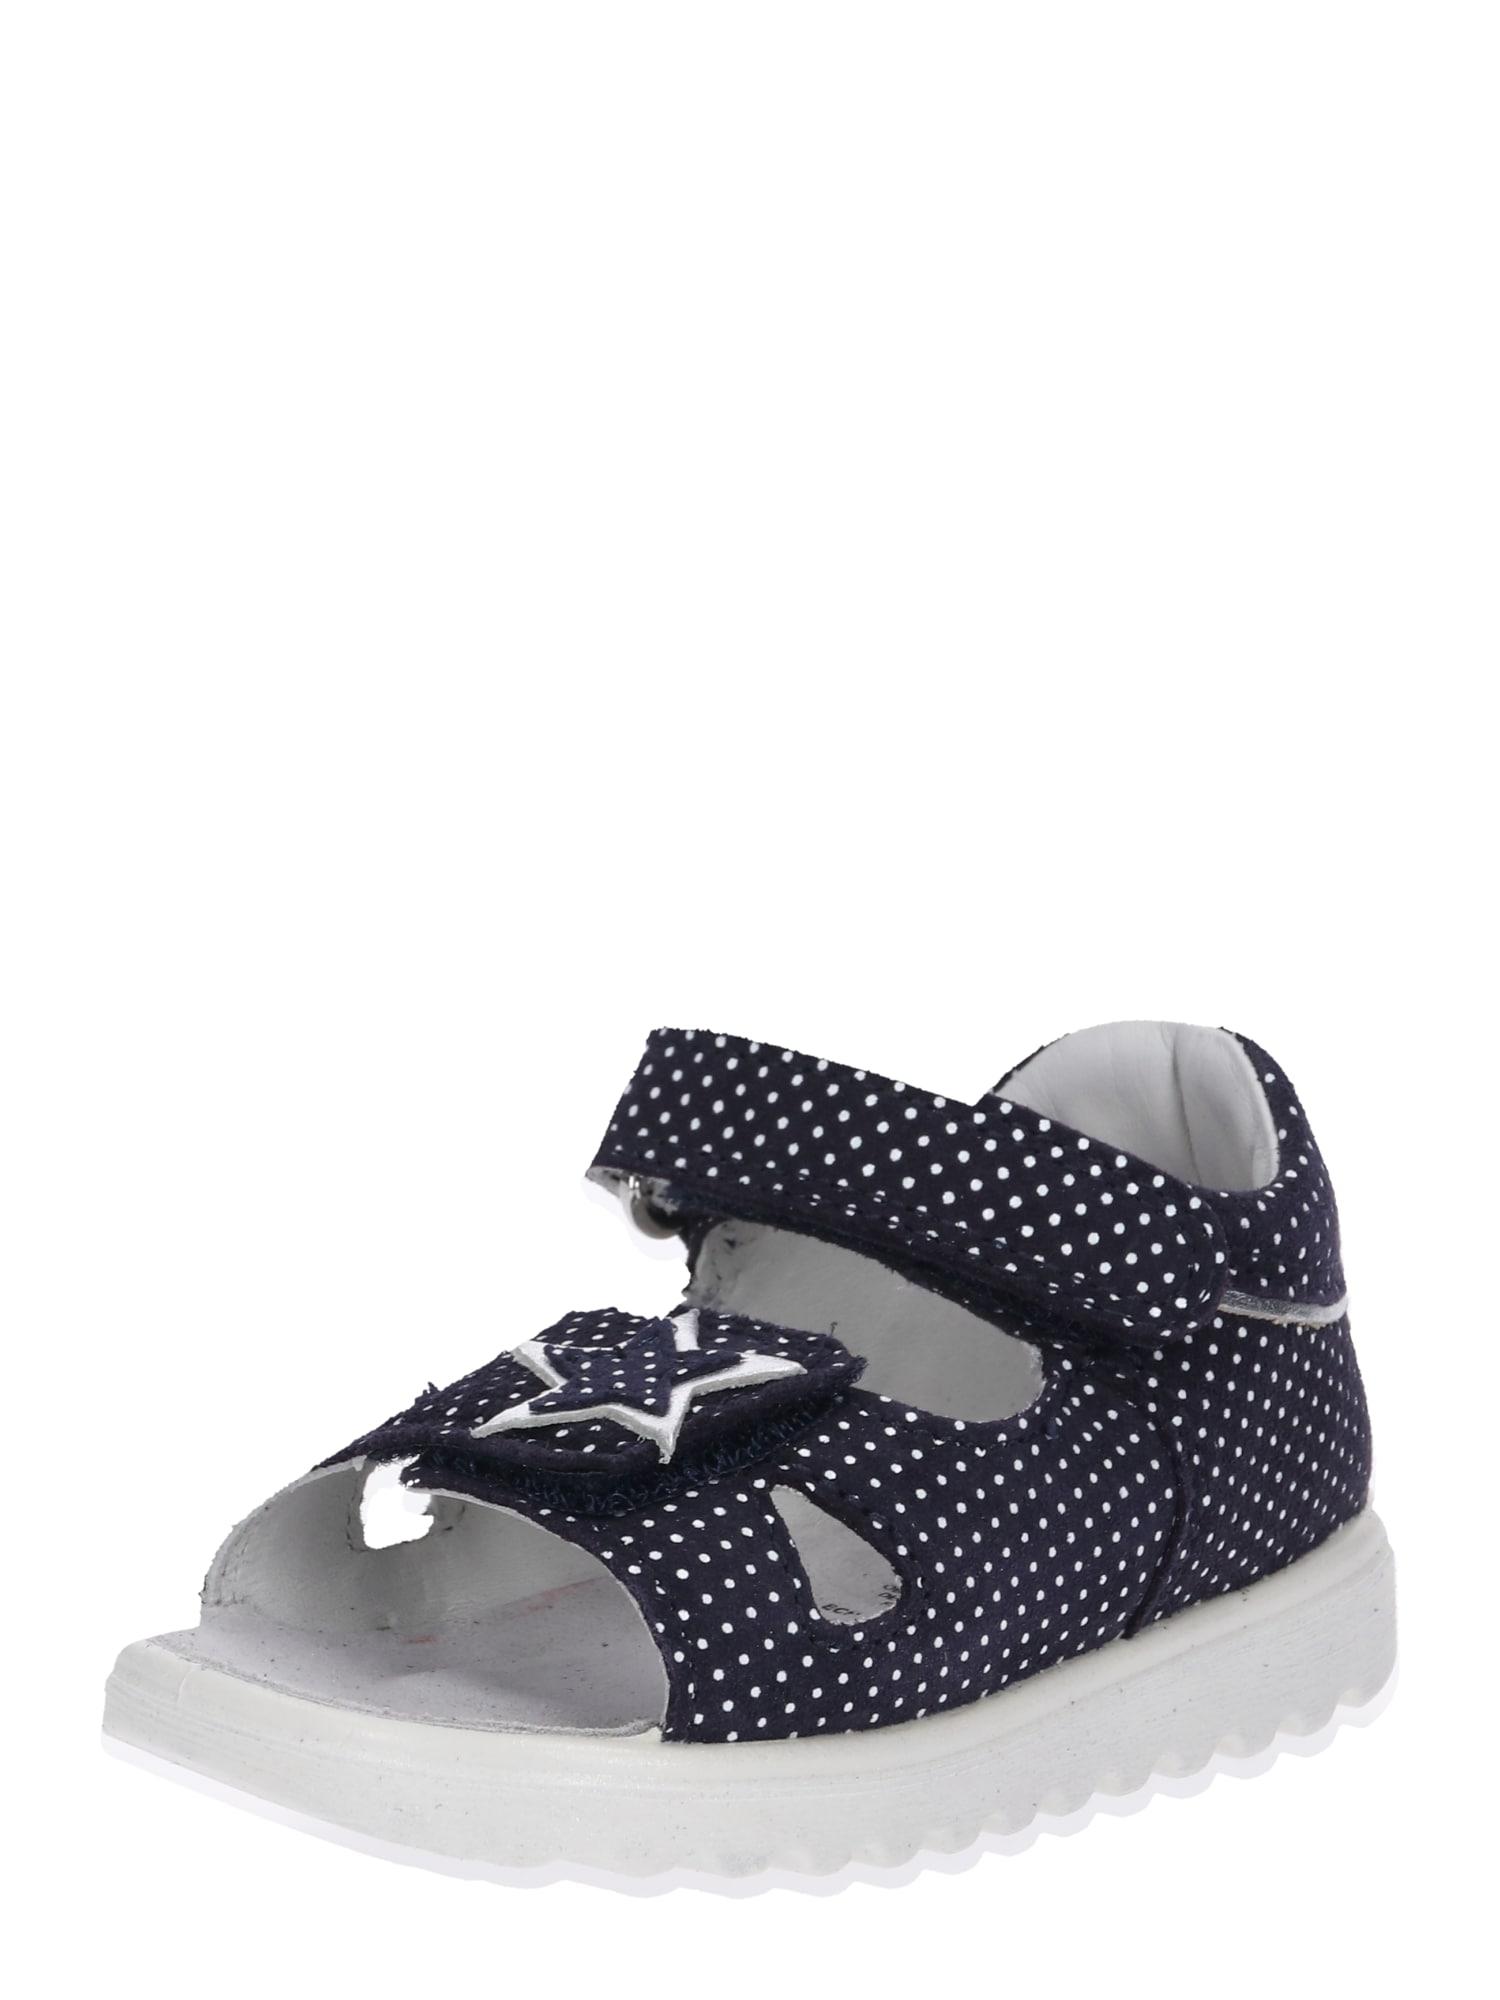 Otevřená obuv Lettie tmavě modrá bílá SUPERFIT